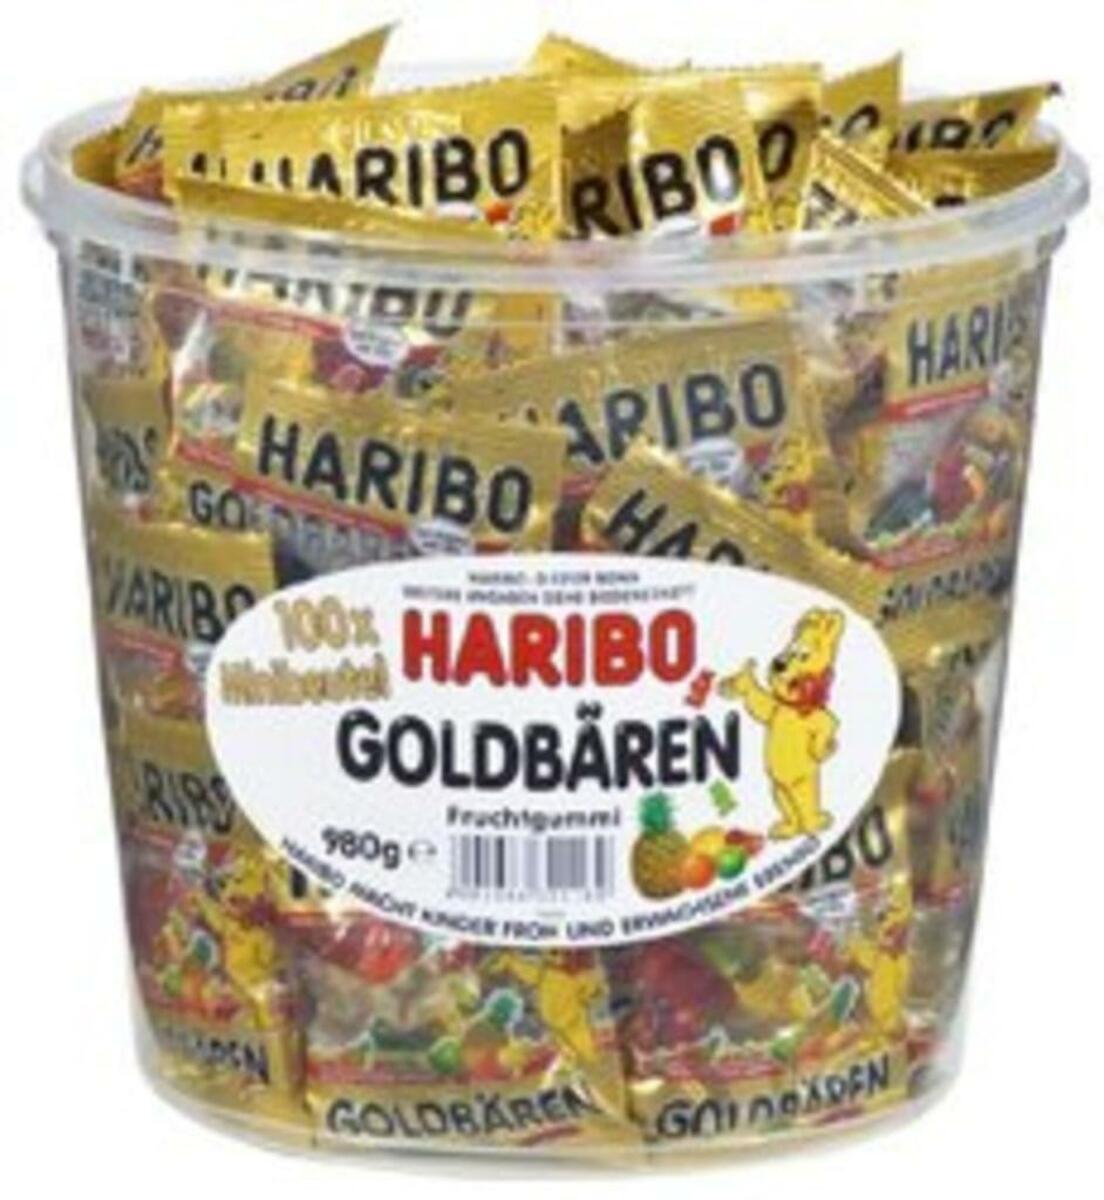 Bild 5 von Haribo Goldbären Mini Beutel in Runddose, 980g